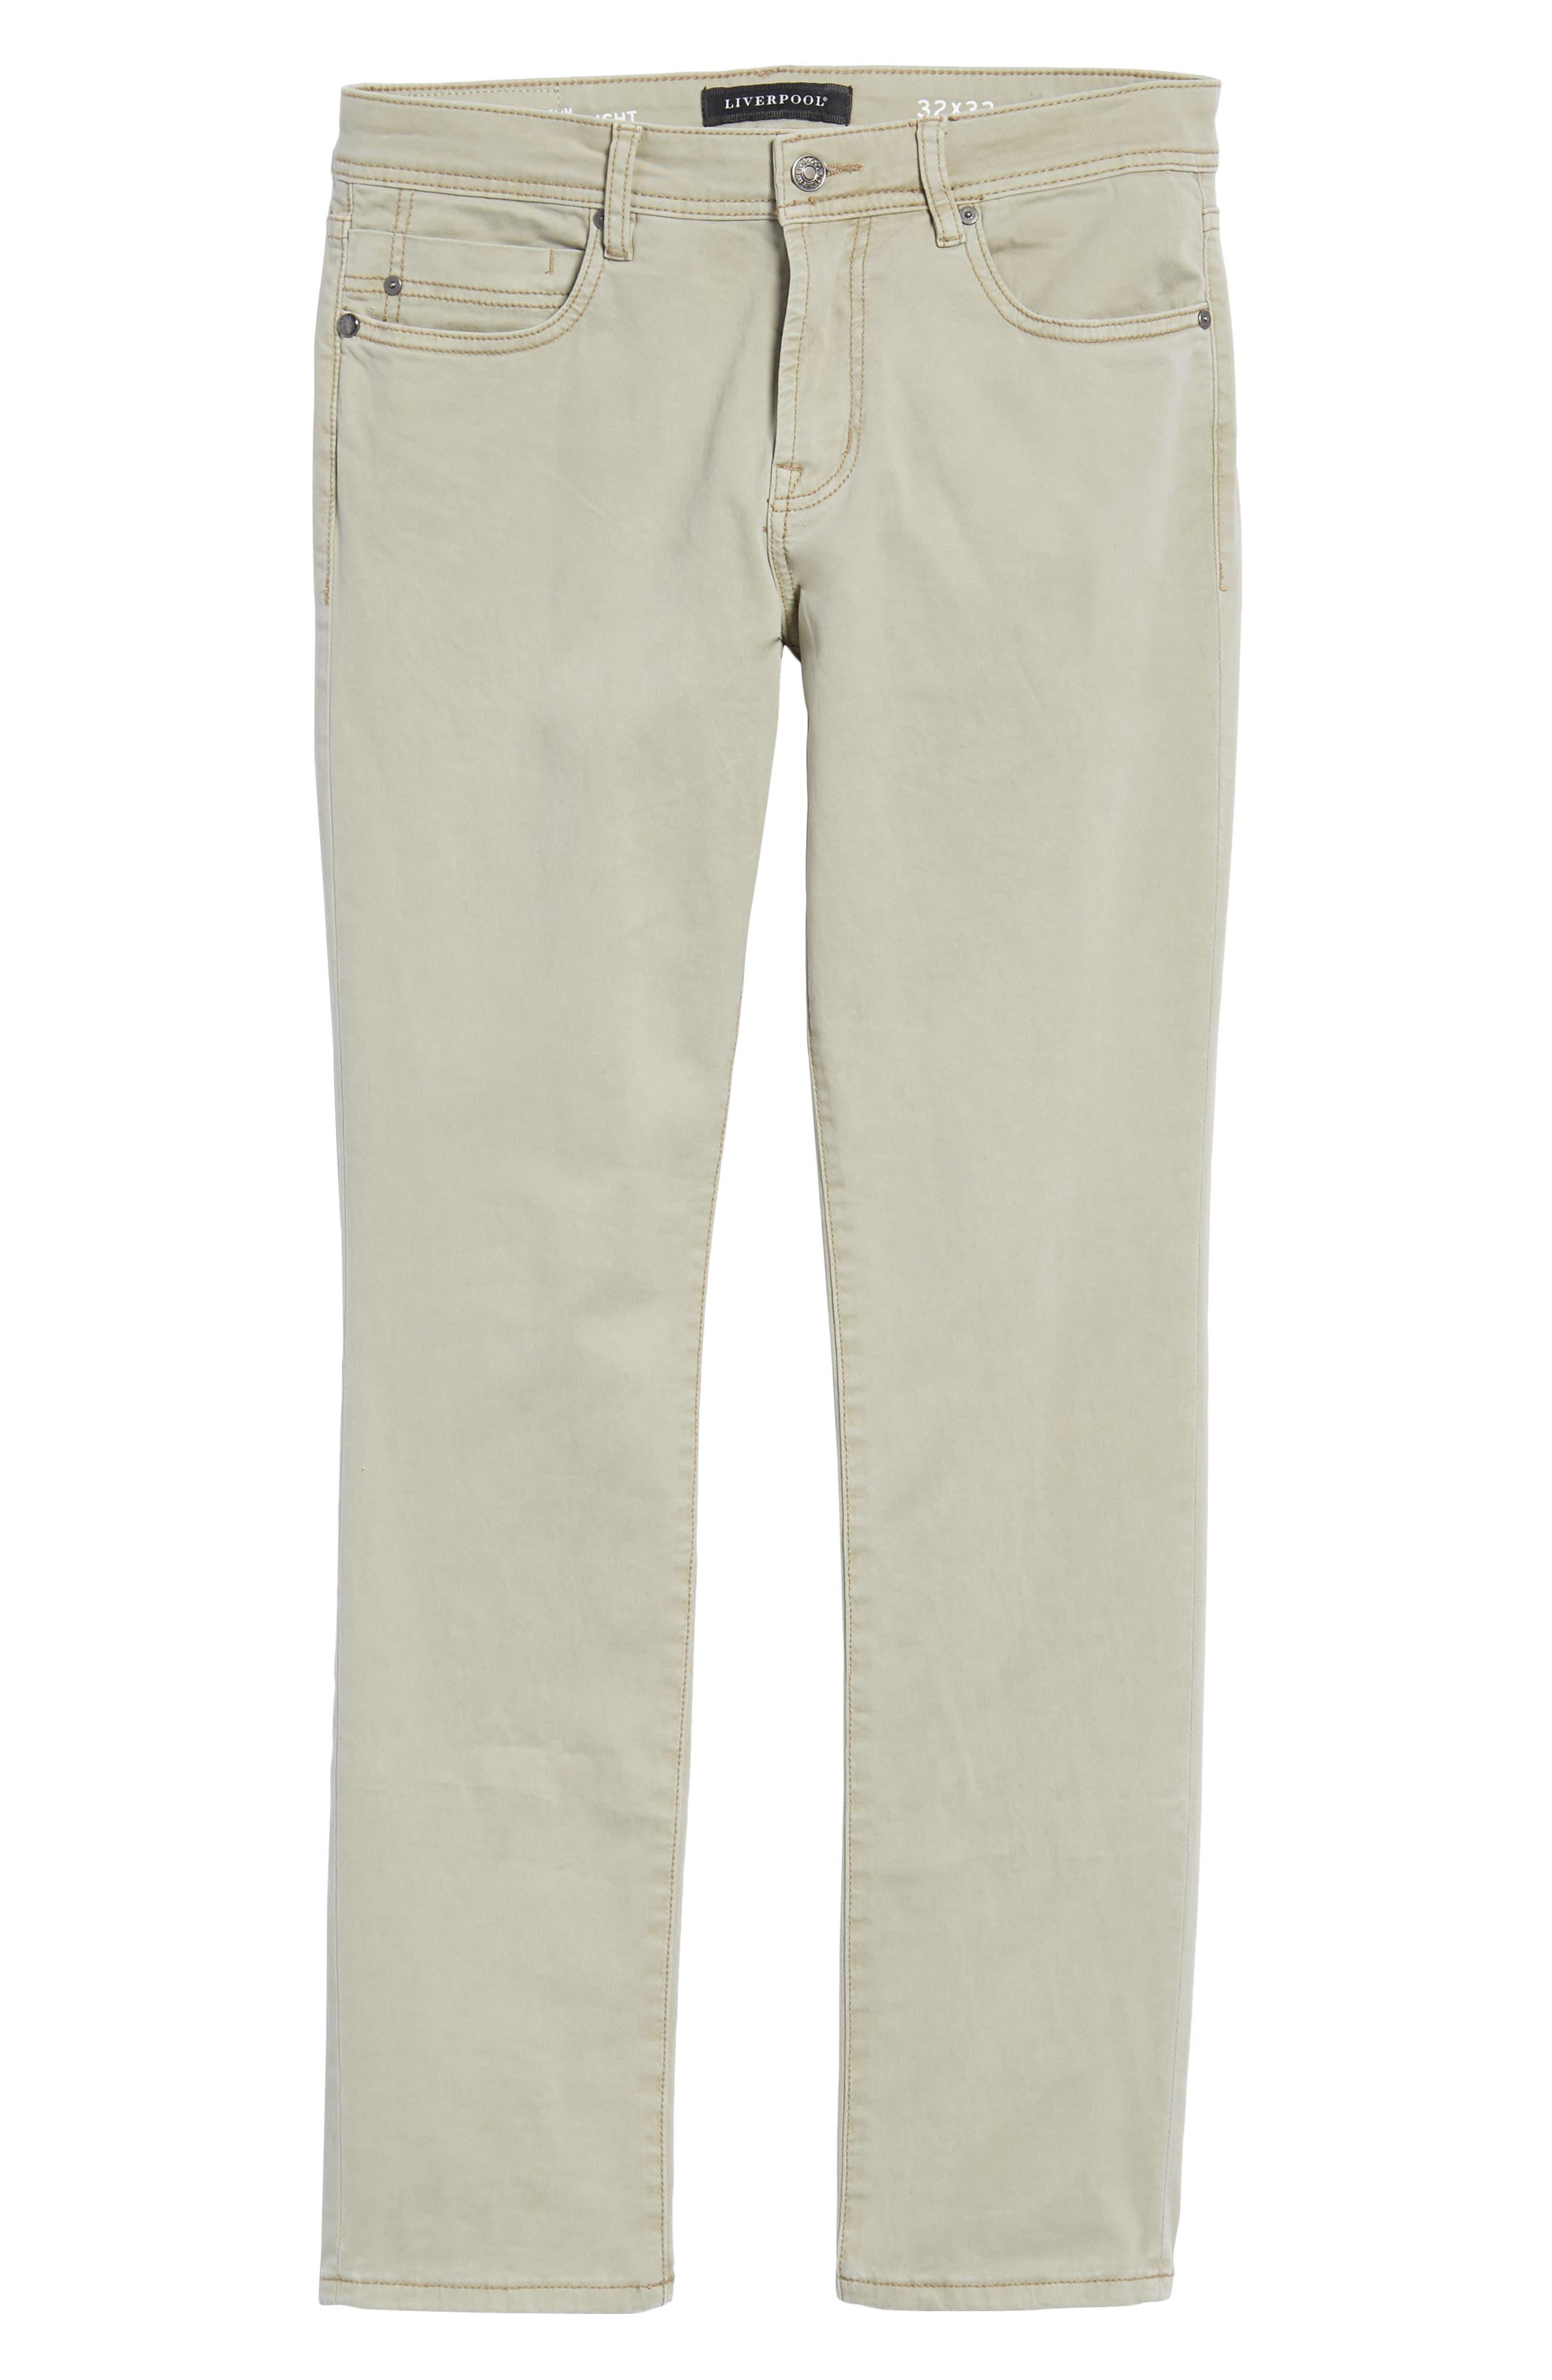 Jeans Co. Slim Straight Leg Jeans,                             Alternate thumbnail 5, color,                             Sandstrom